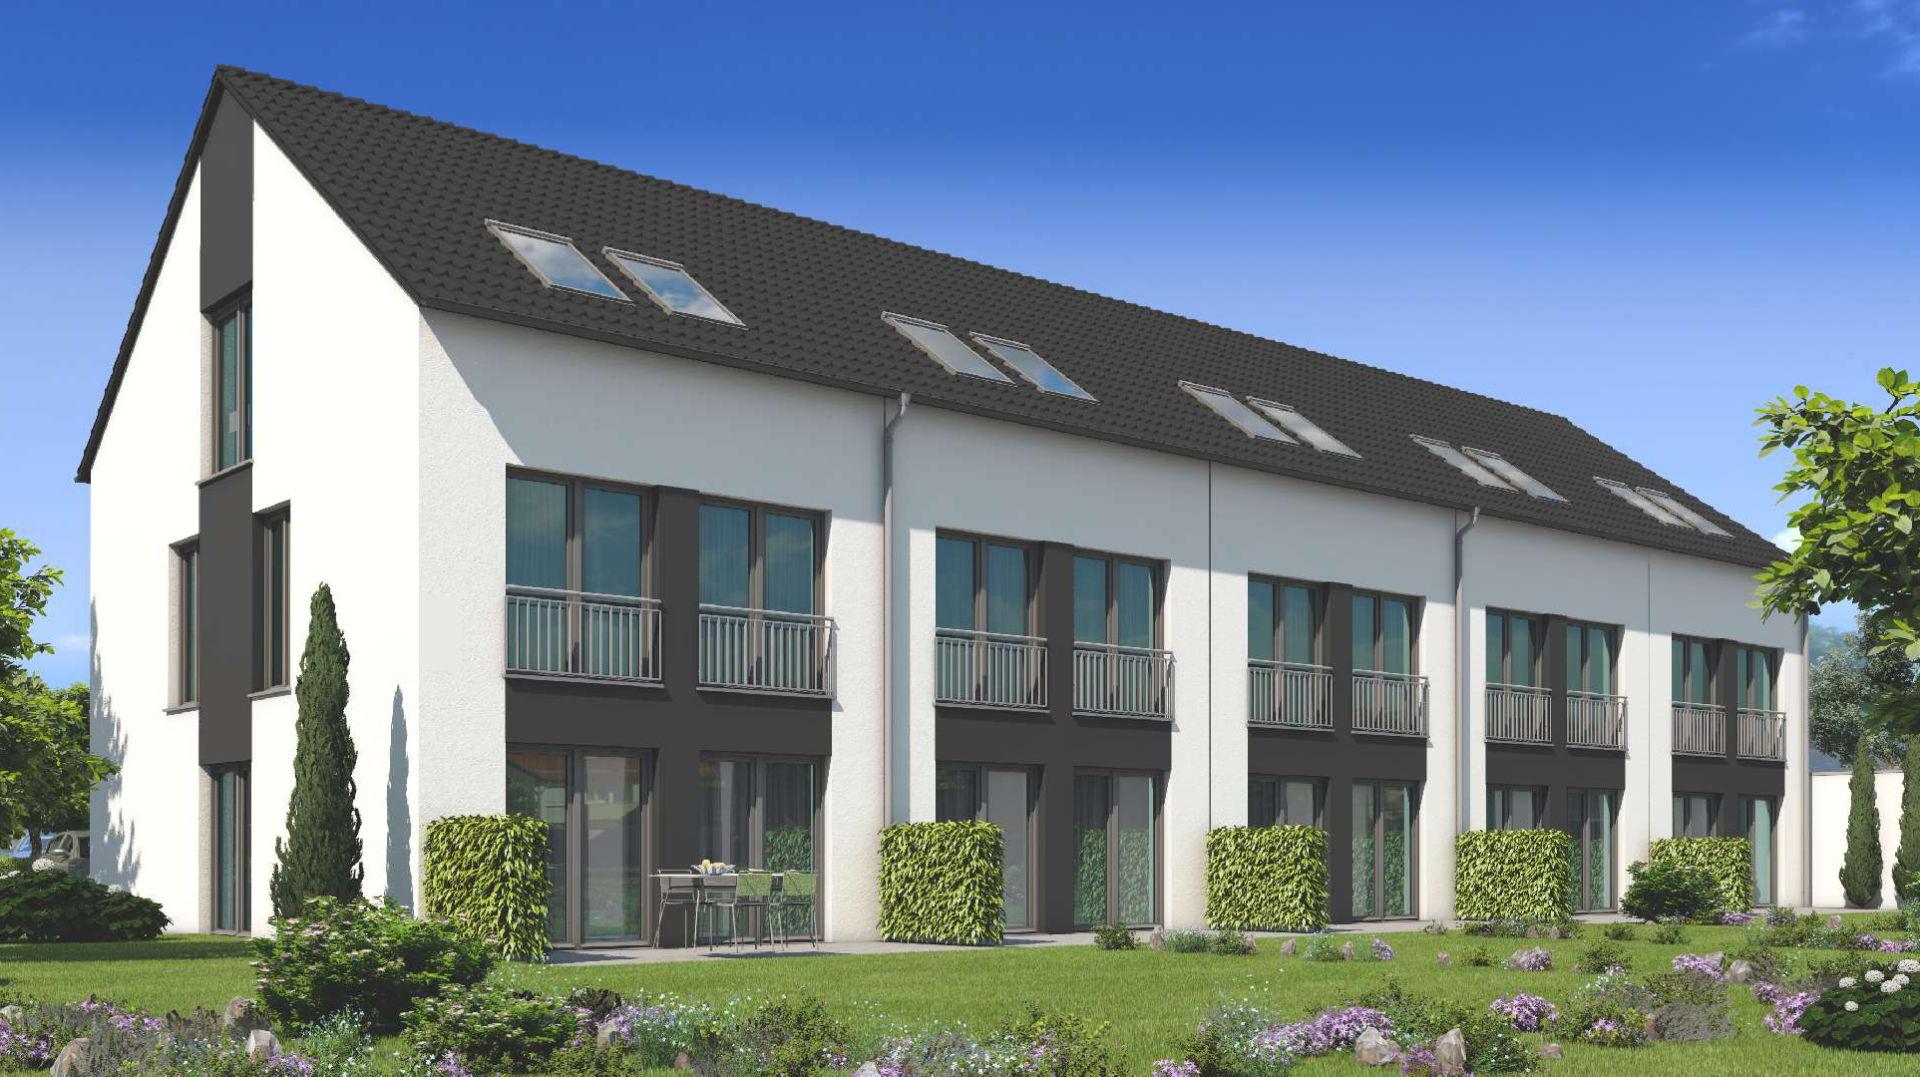 Architekt Sindelfingen mehrfamilienwohnhaus sindelfingen 2017 18 hettich architekten